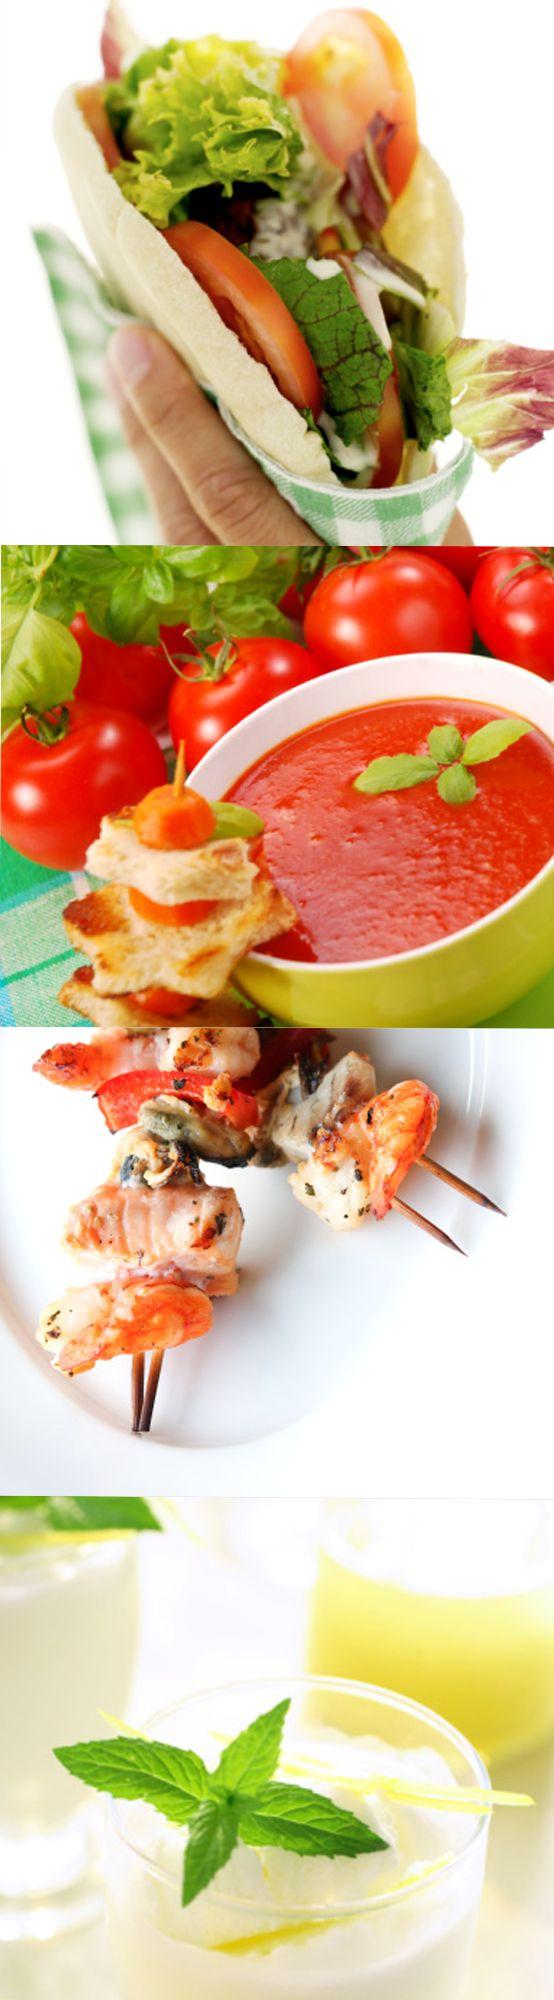 Download ons gratis boekje met zomerse recepten: http://www.gezondheidsnet.nl/wat-eten-we-vandaag/aanbieding/8564/gratis-boekje-met-zomerse-recepten